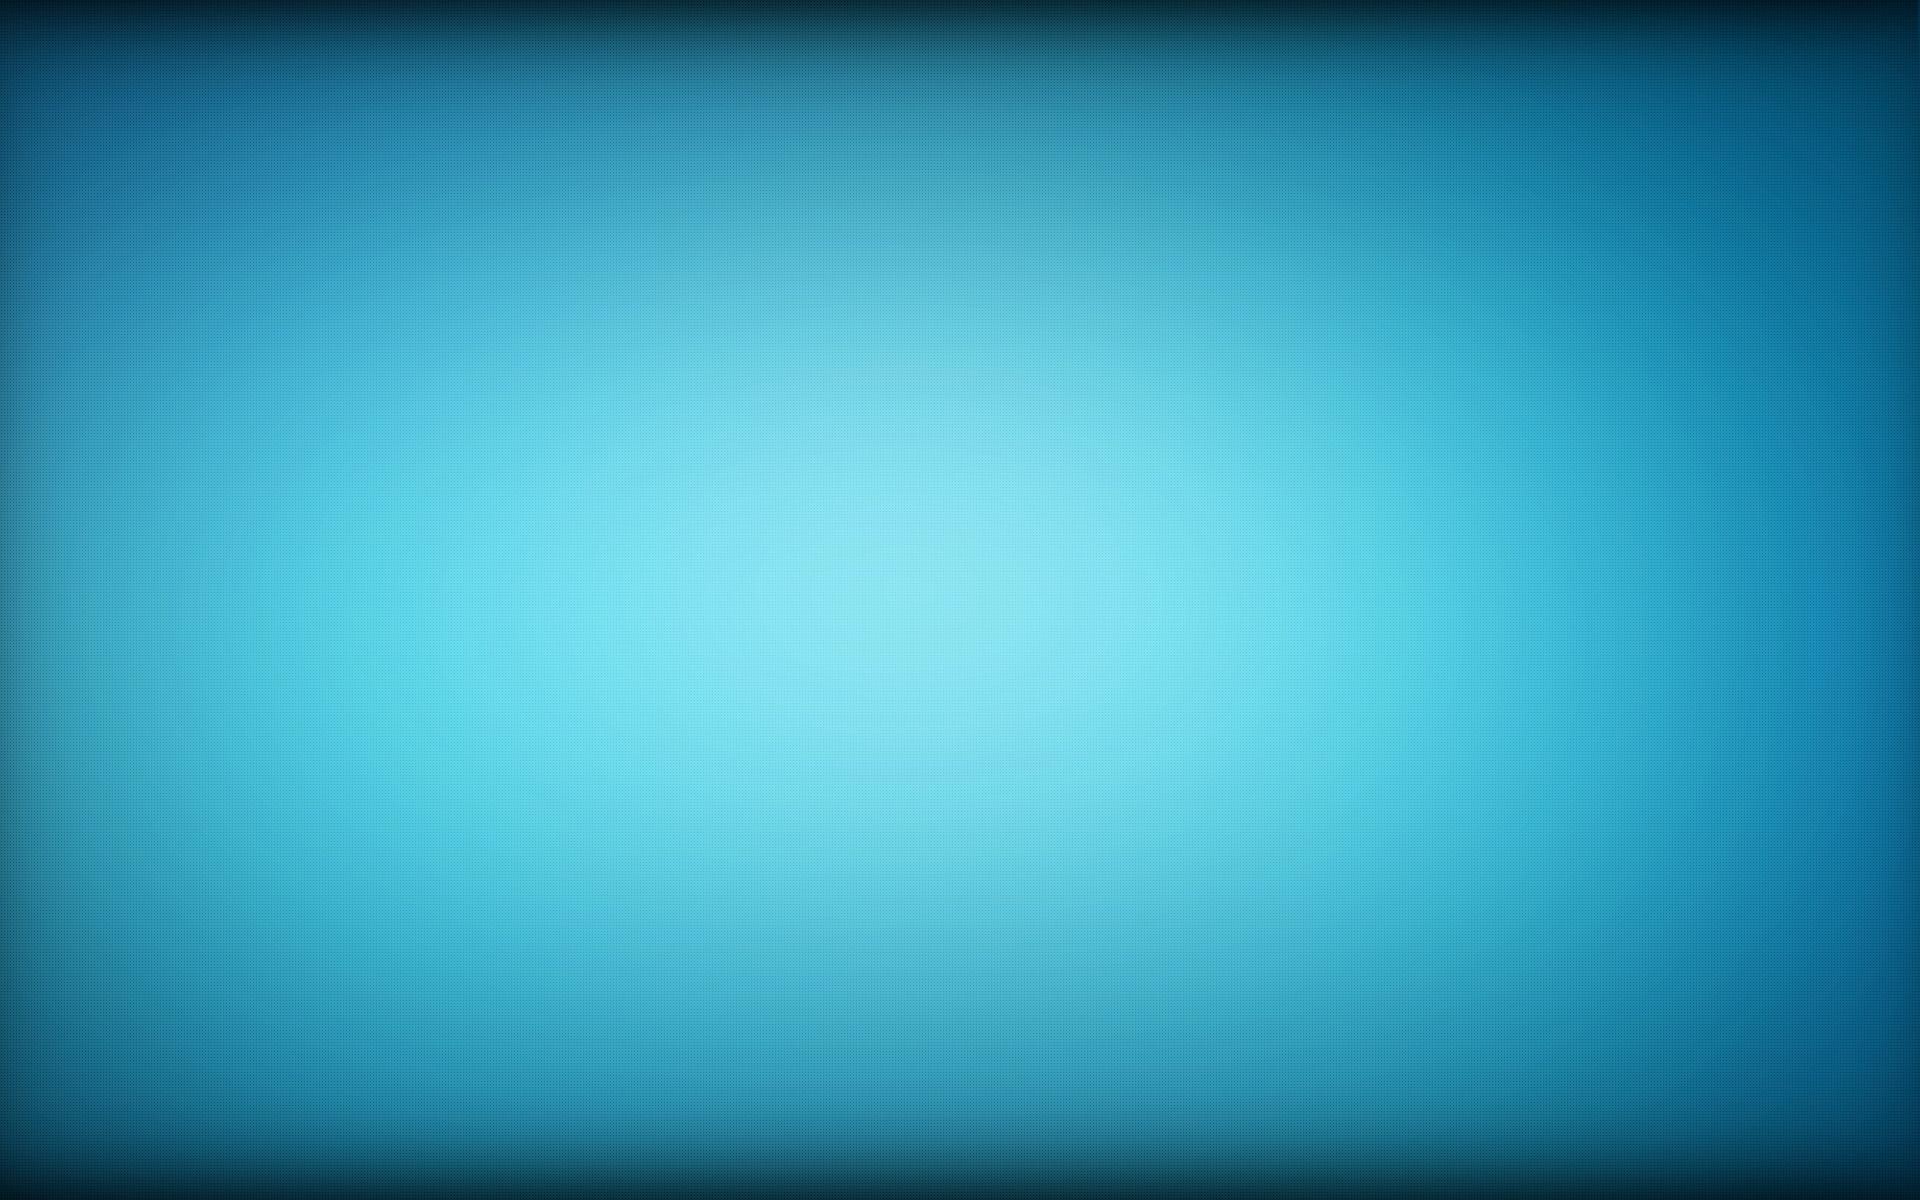 cool light blue wallpaper - photo #46